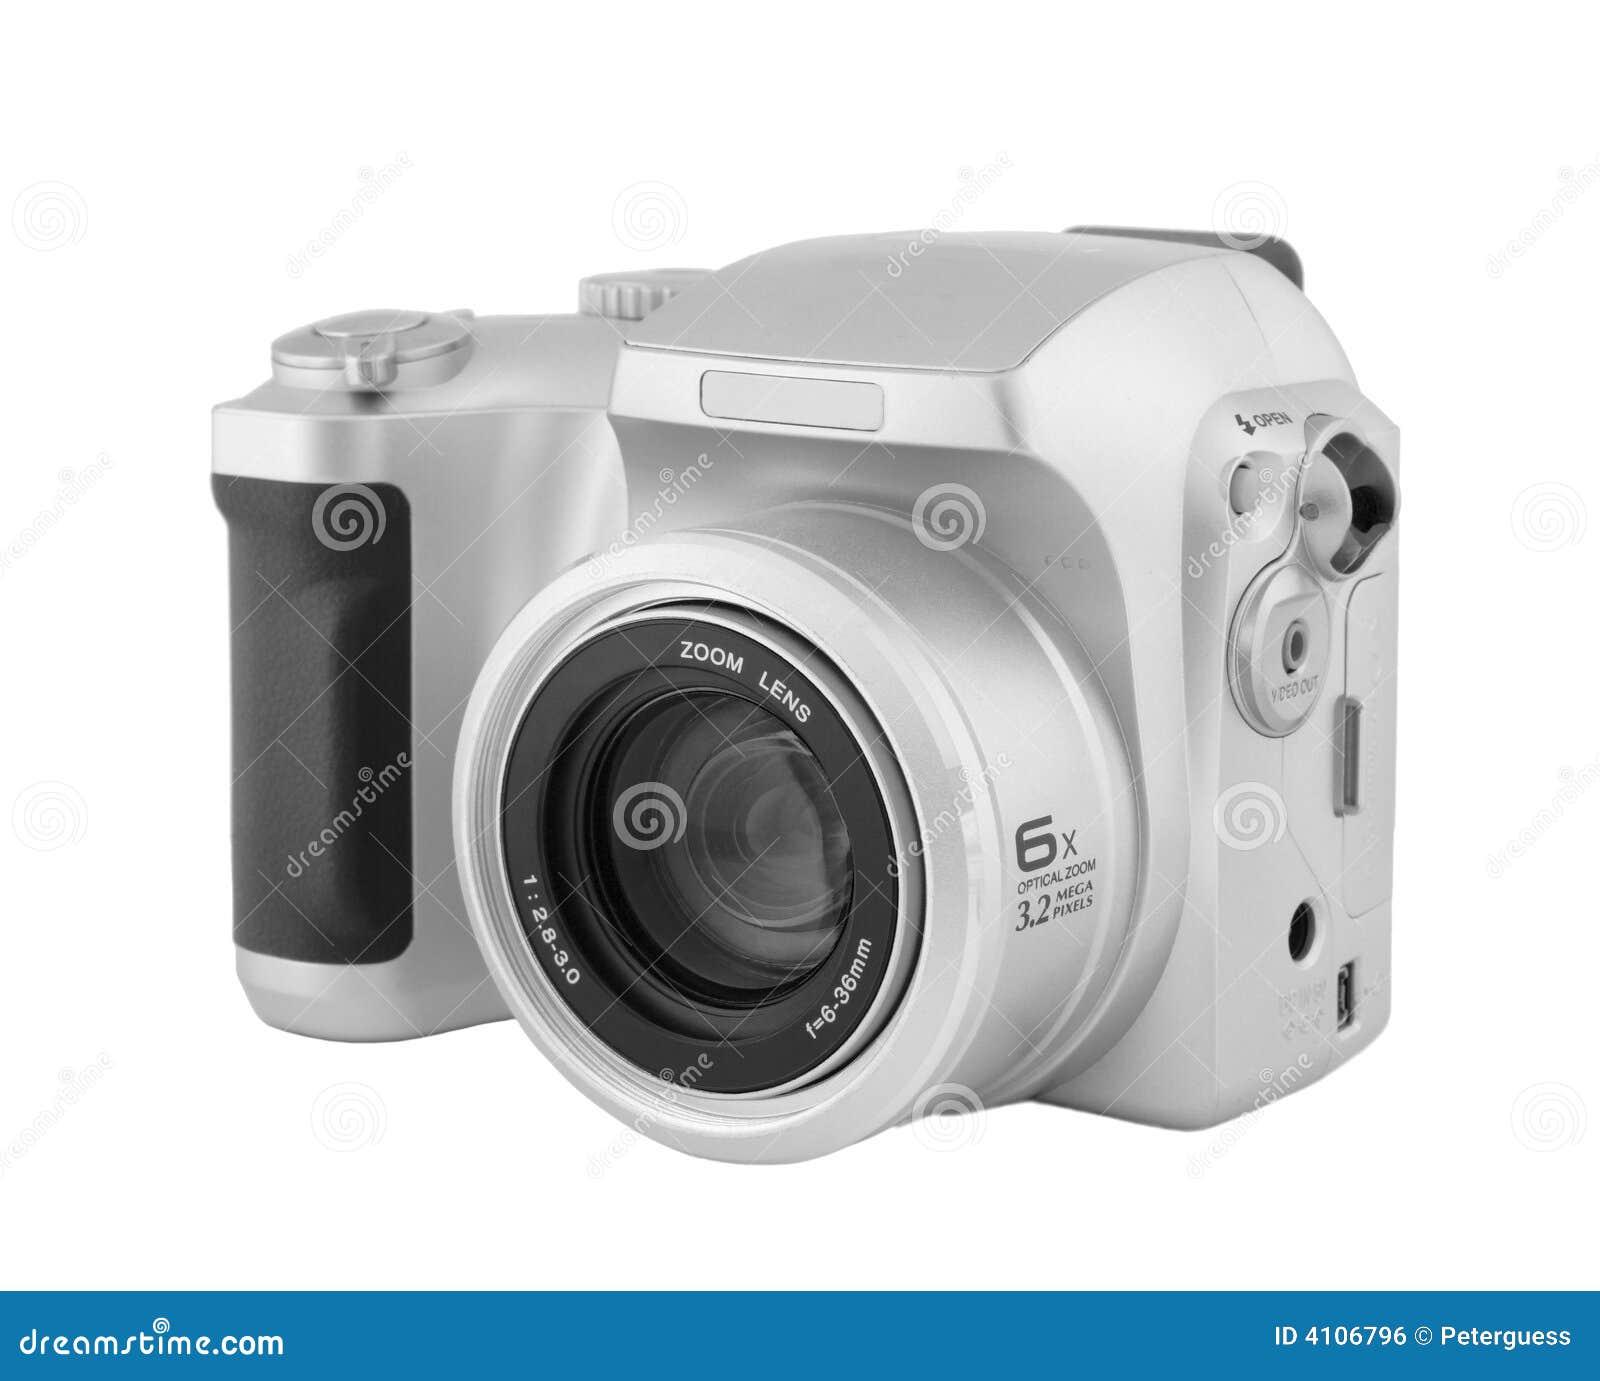 Macchina fotografica di digitahi compatta dello zoom for Macchina fotografica compatta